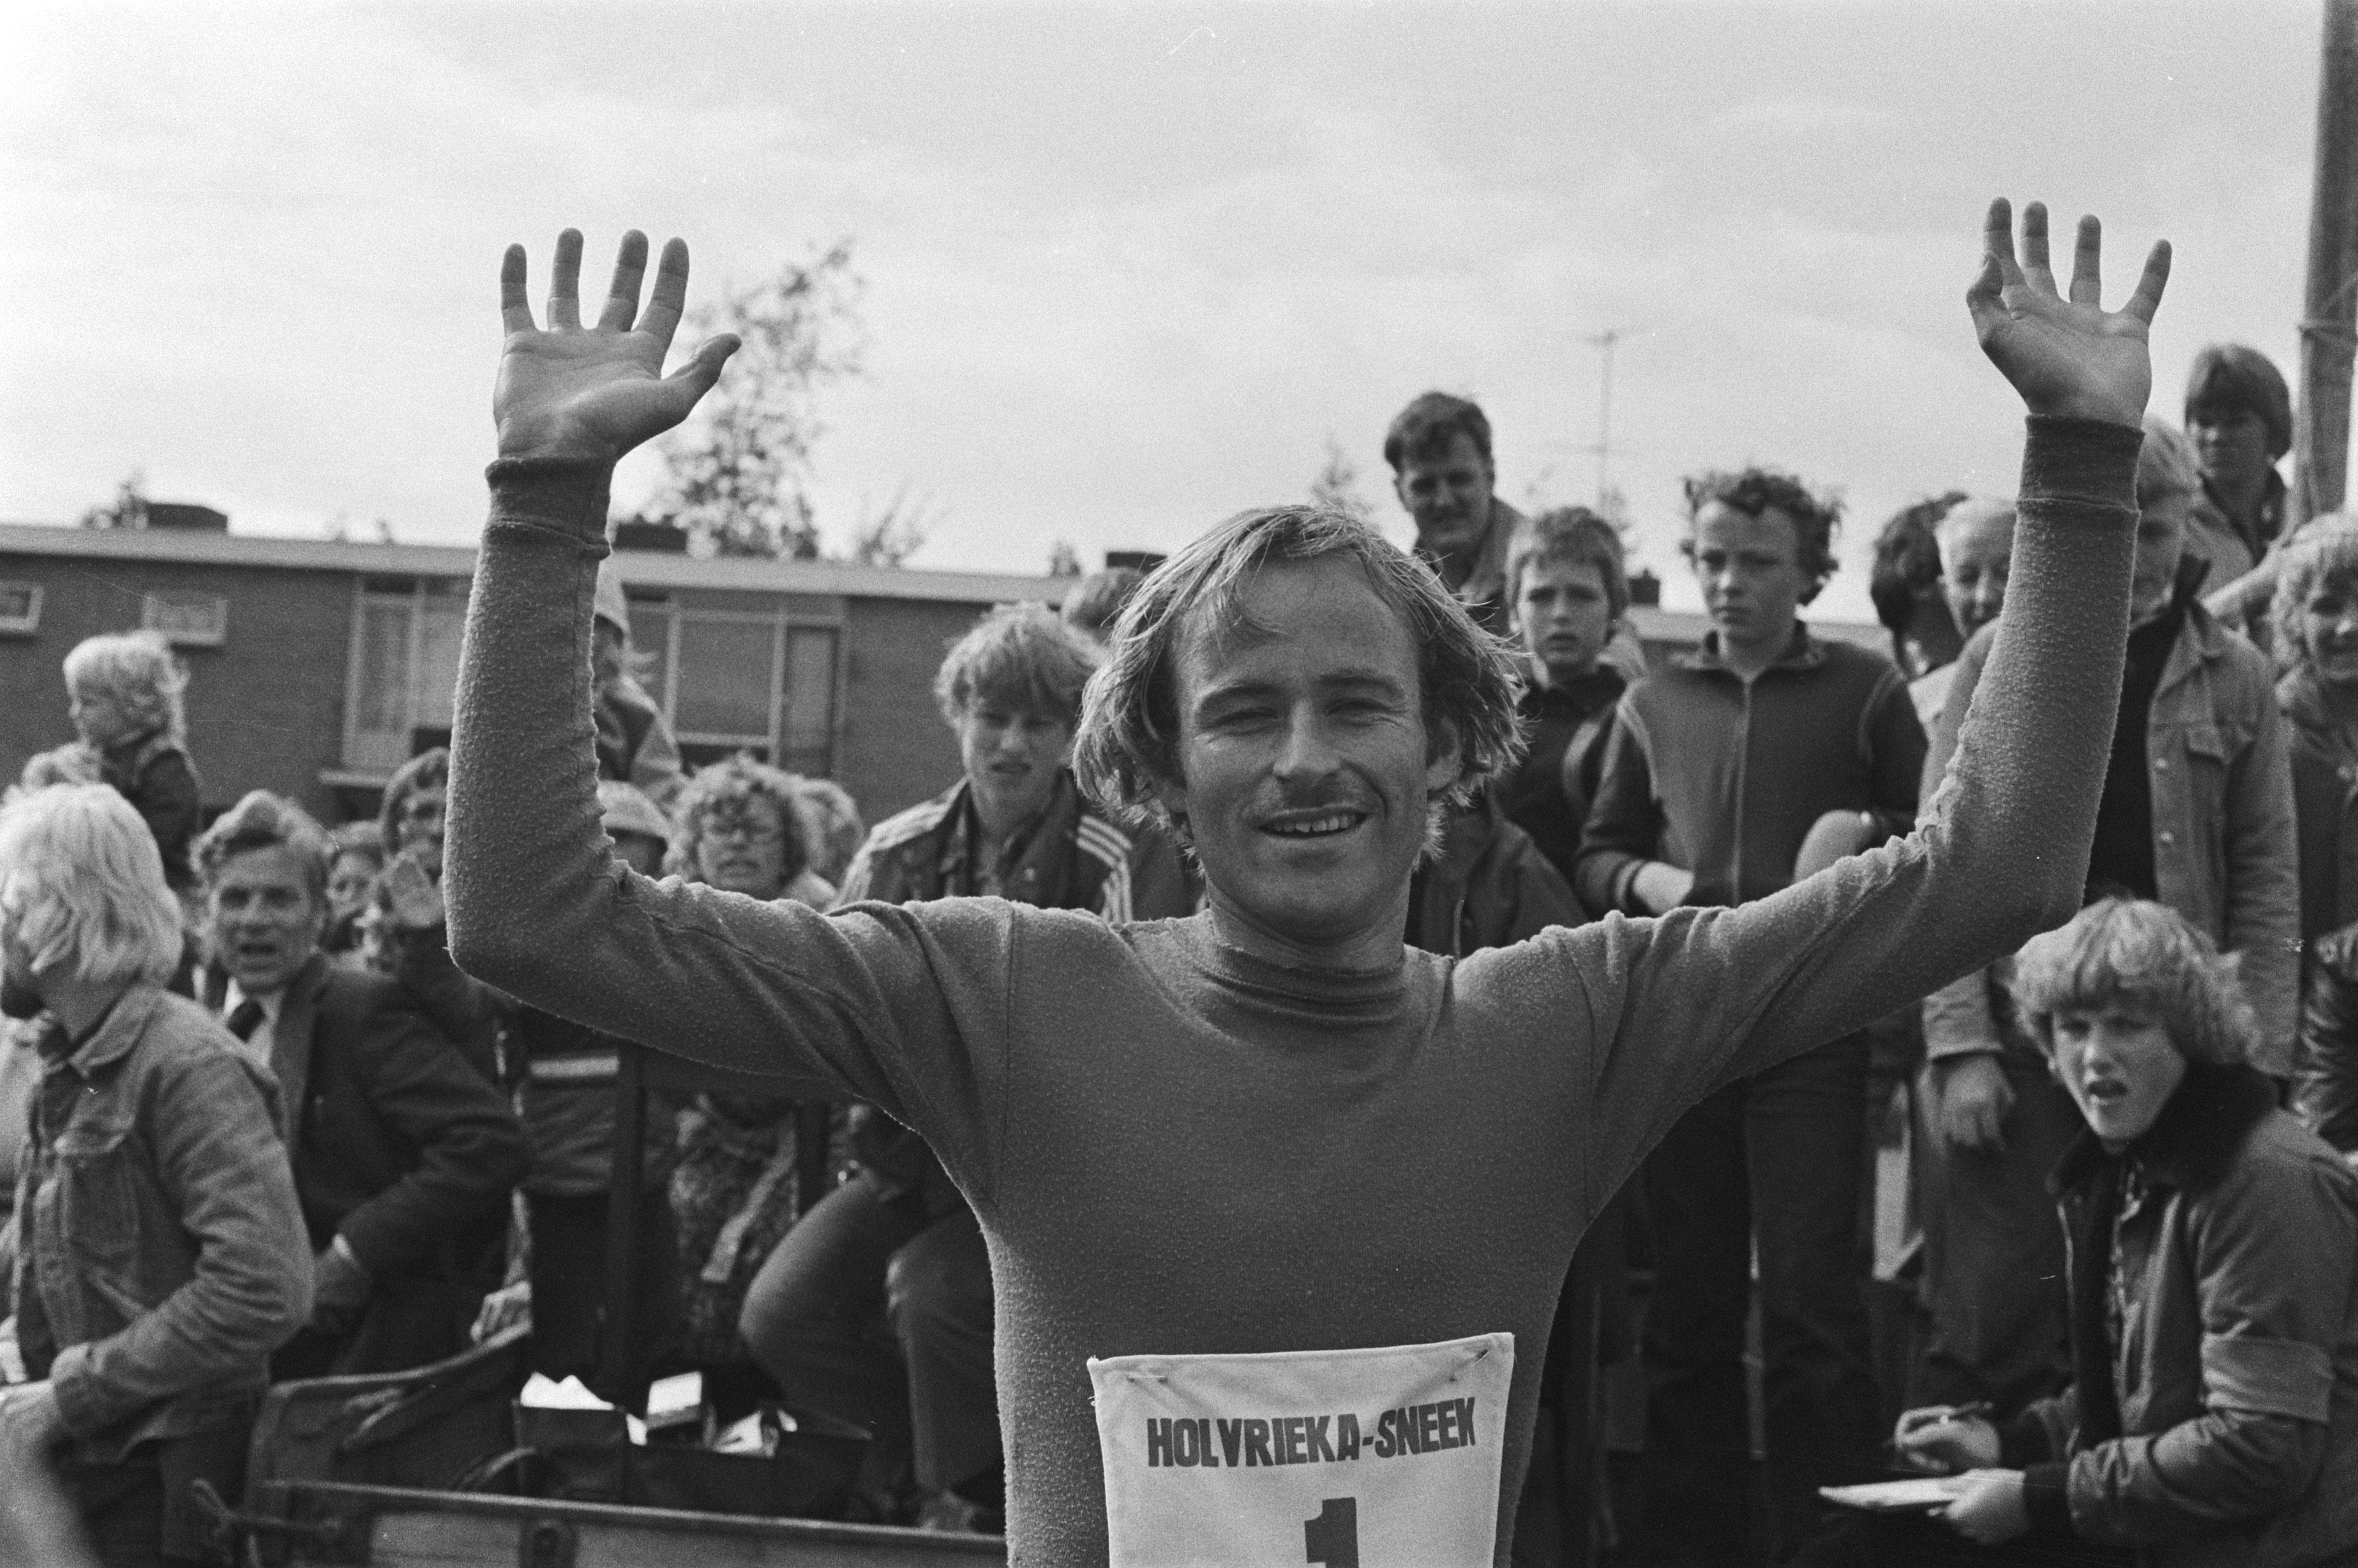 File:Nederlandse kampioenschappen marathon, Sneek winnaar de Noor Fjaerstad, Bestanddeelnr 929-7667.jpg